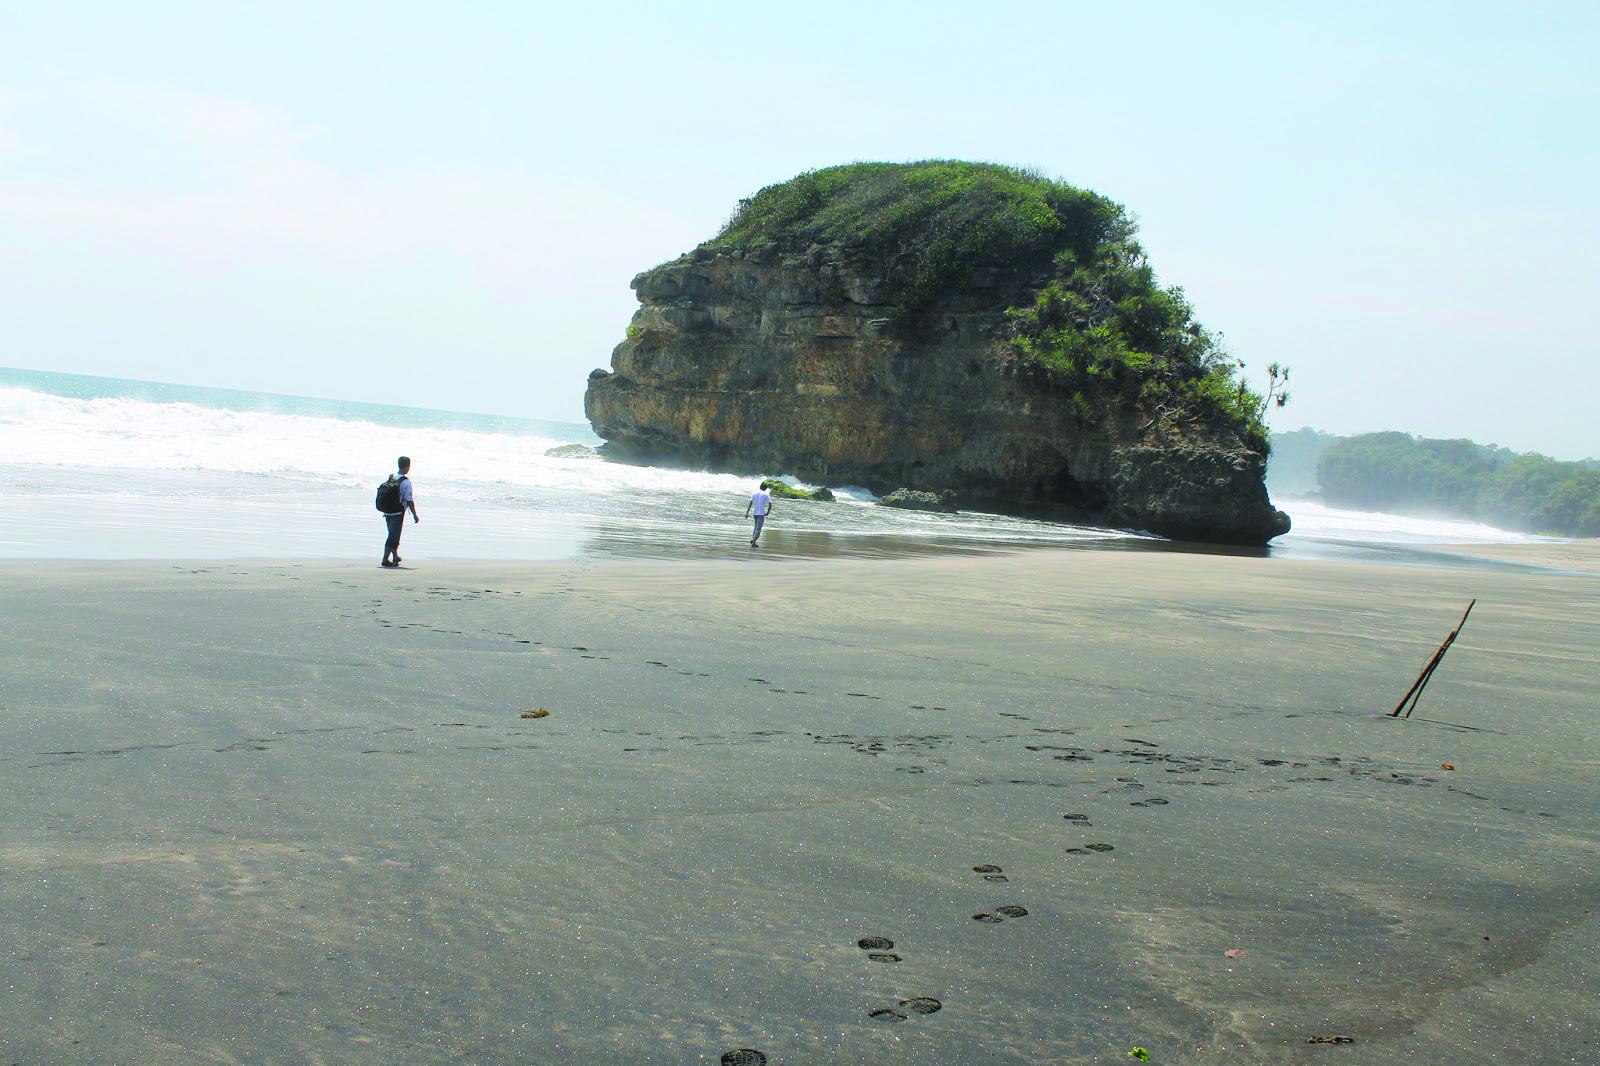 wonderfulmalangraya.blogspot.com